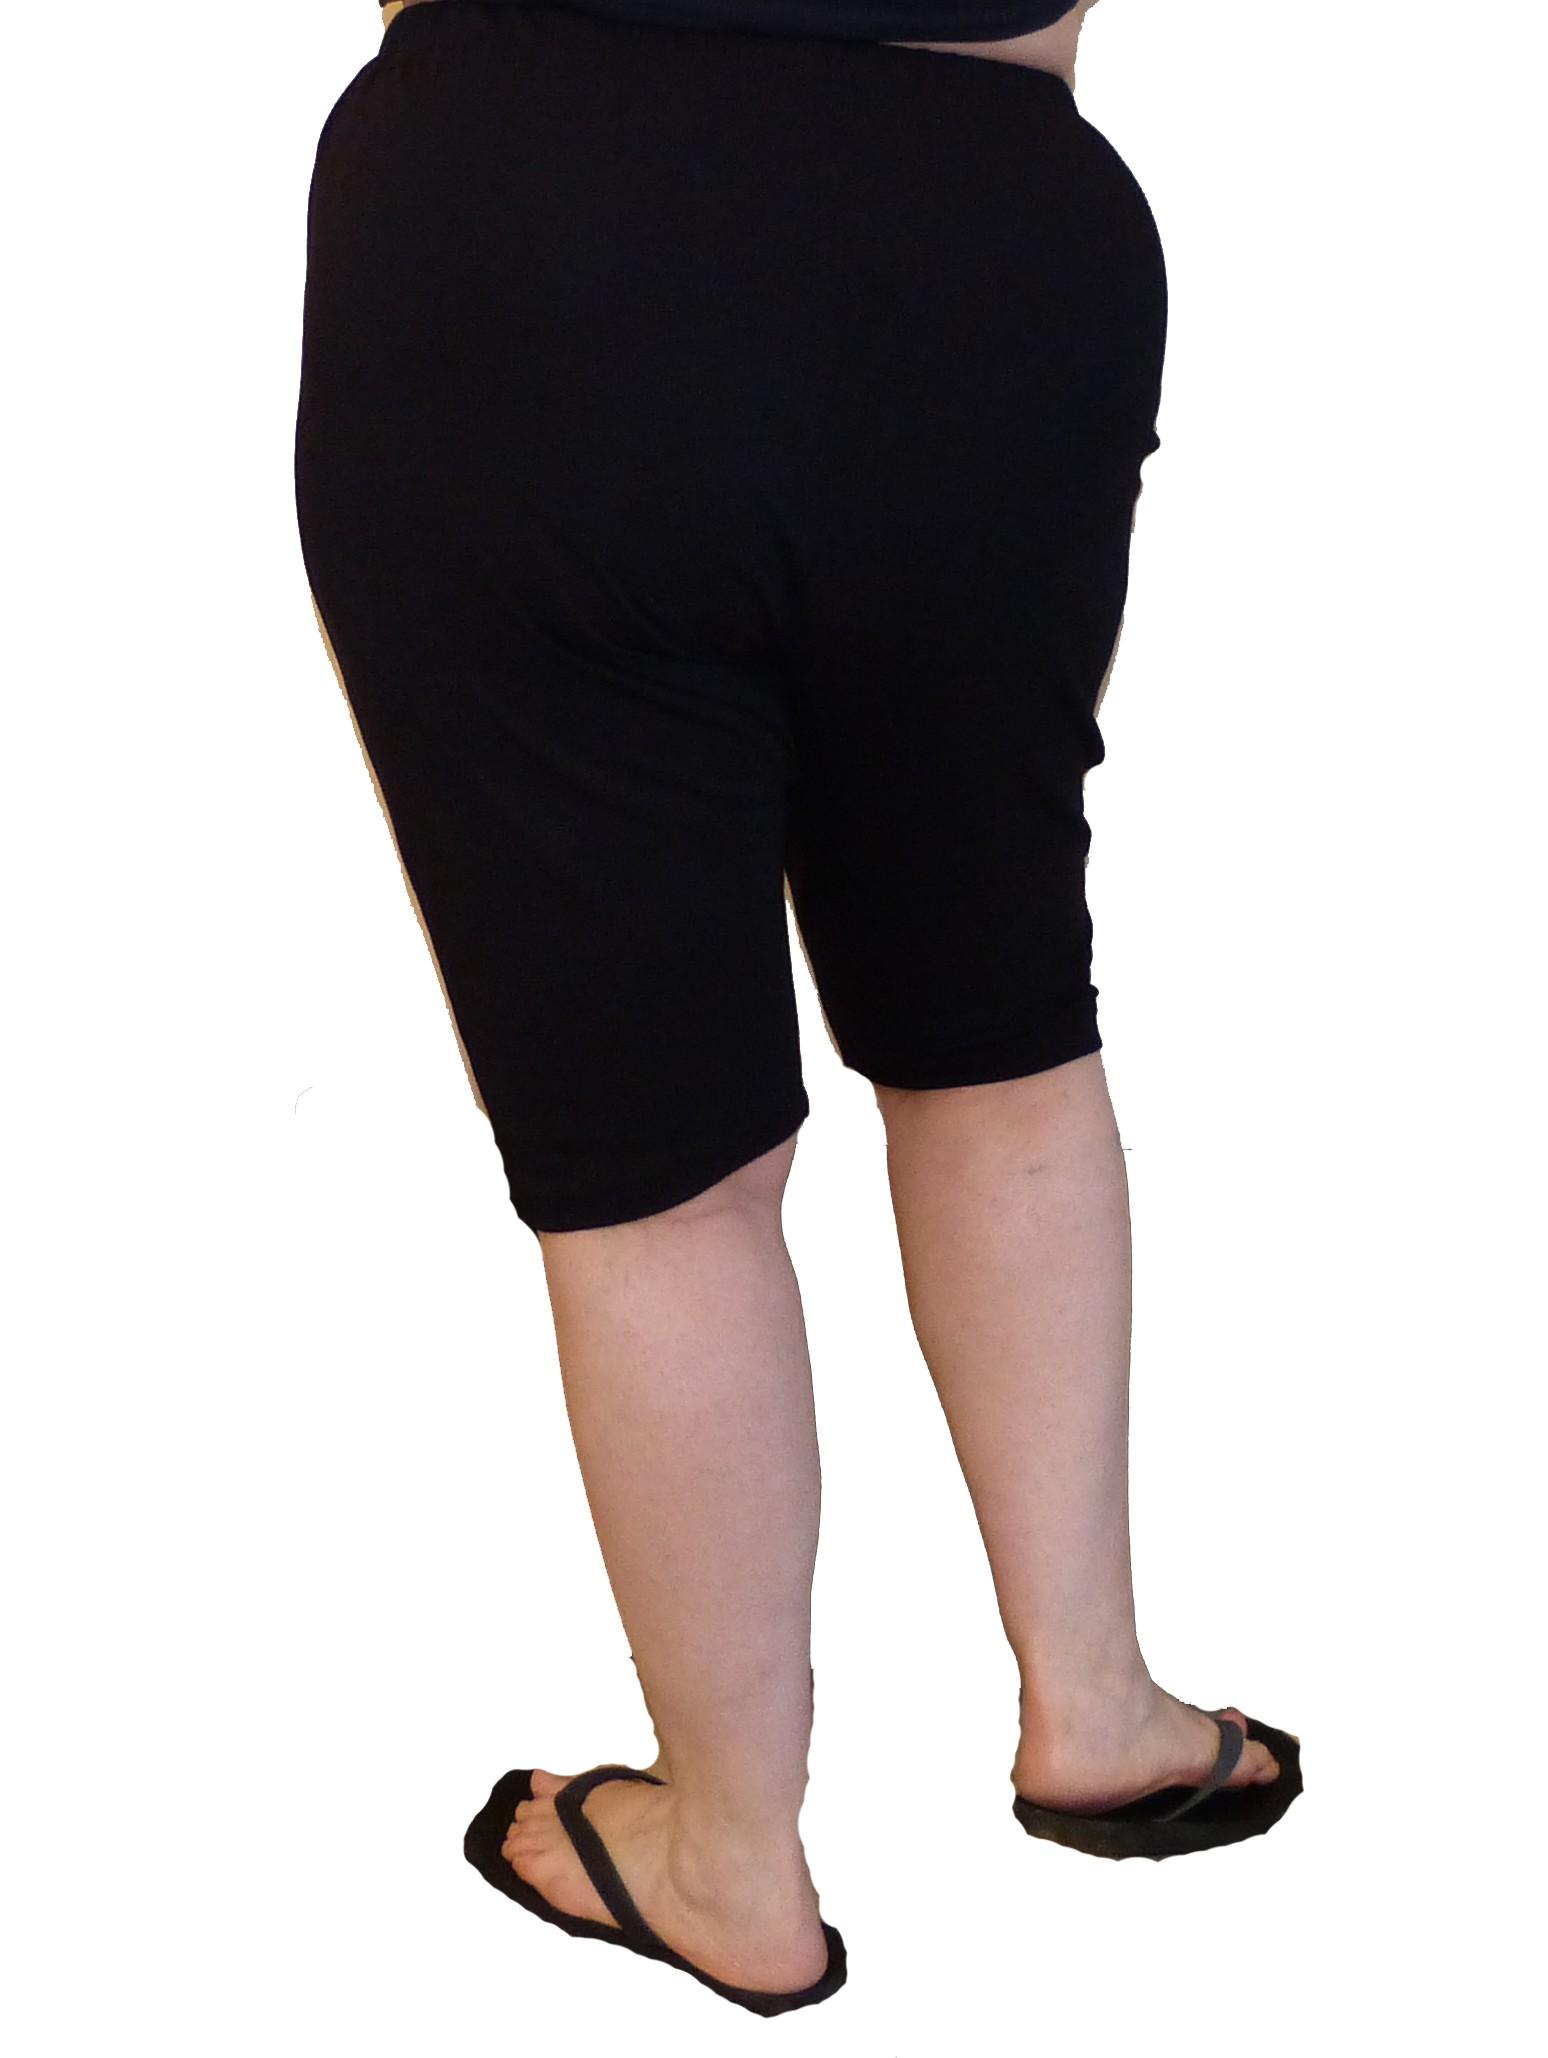 מכנס קצר כותנה עד מידות גדולות 1